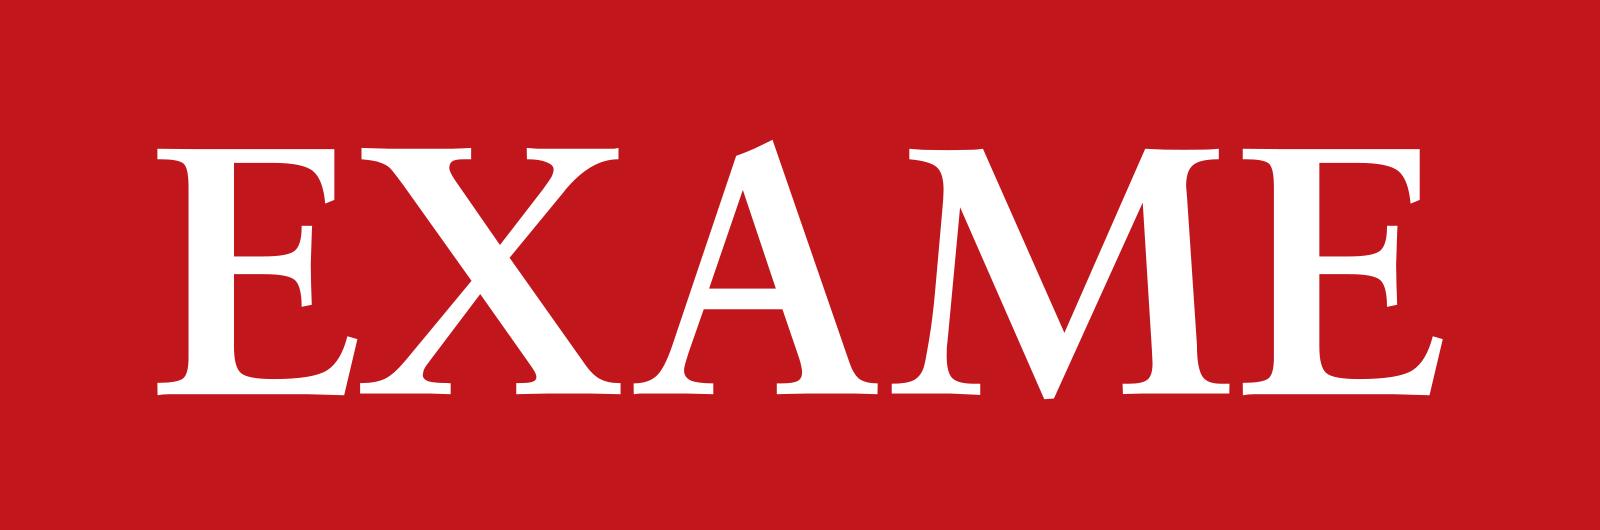 exame logo 5 - EXAME Logo (Revista)